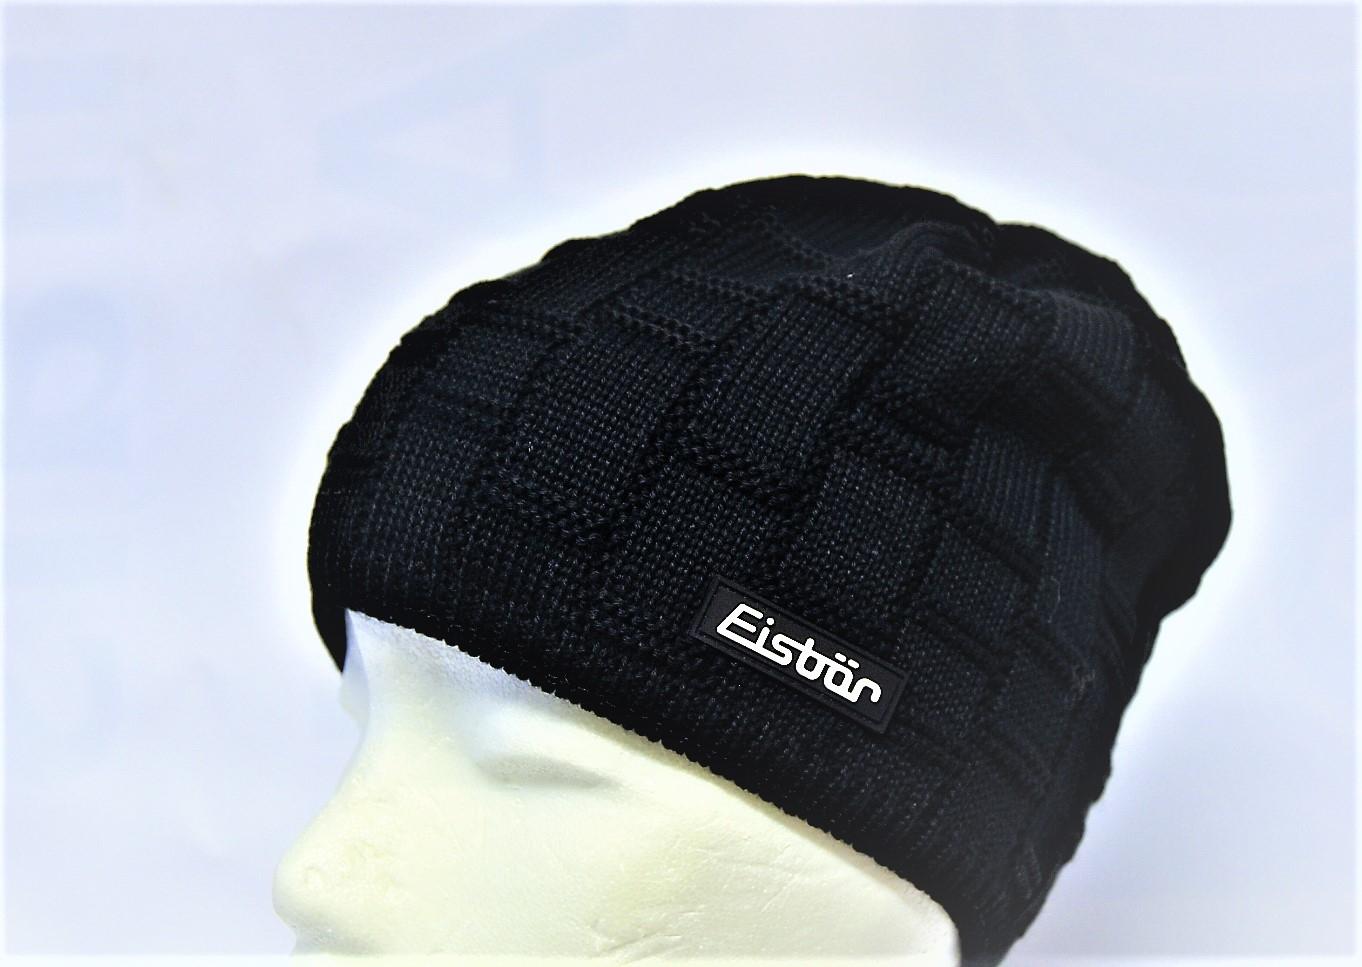 Eisbär Mütze Cord XL 39551 Fb.009